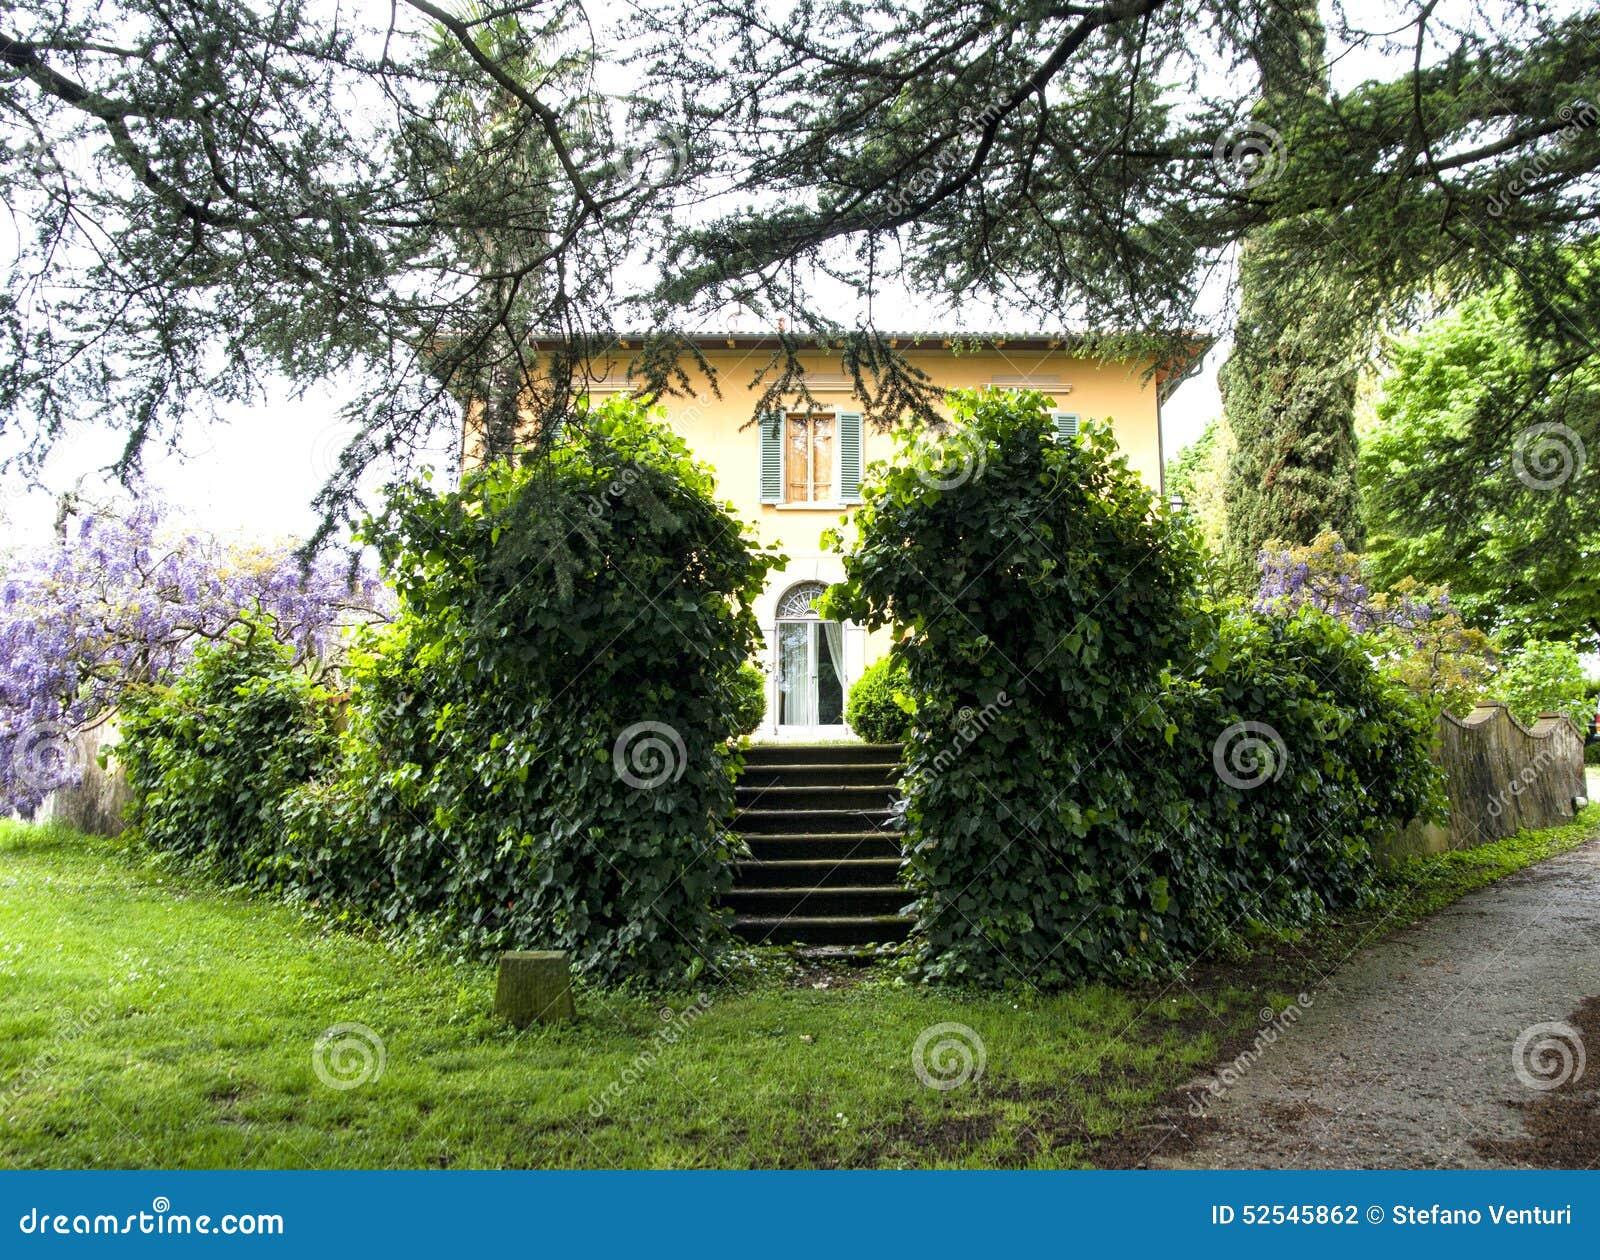 Bella casa di campagna in toscana con la grande pianta for Piccole planimetrie delle case di campagna